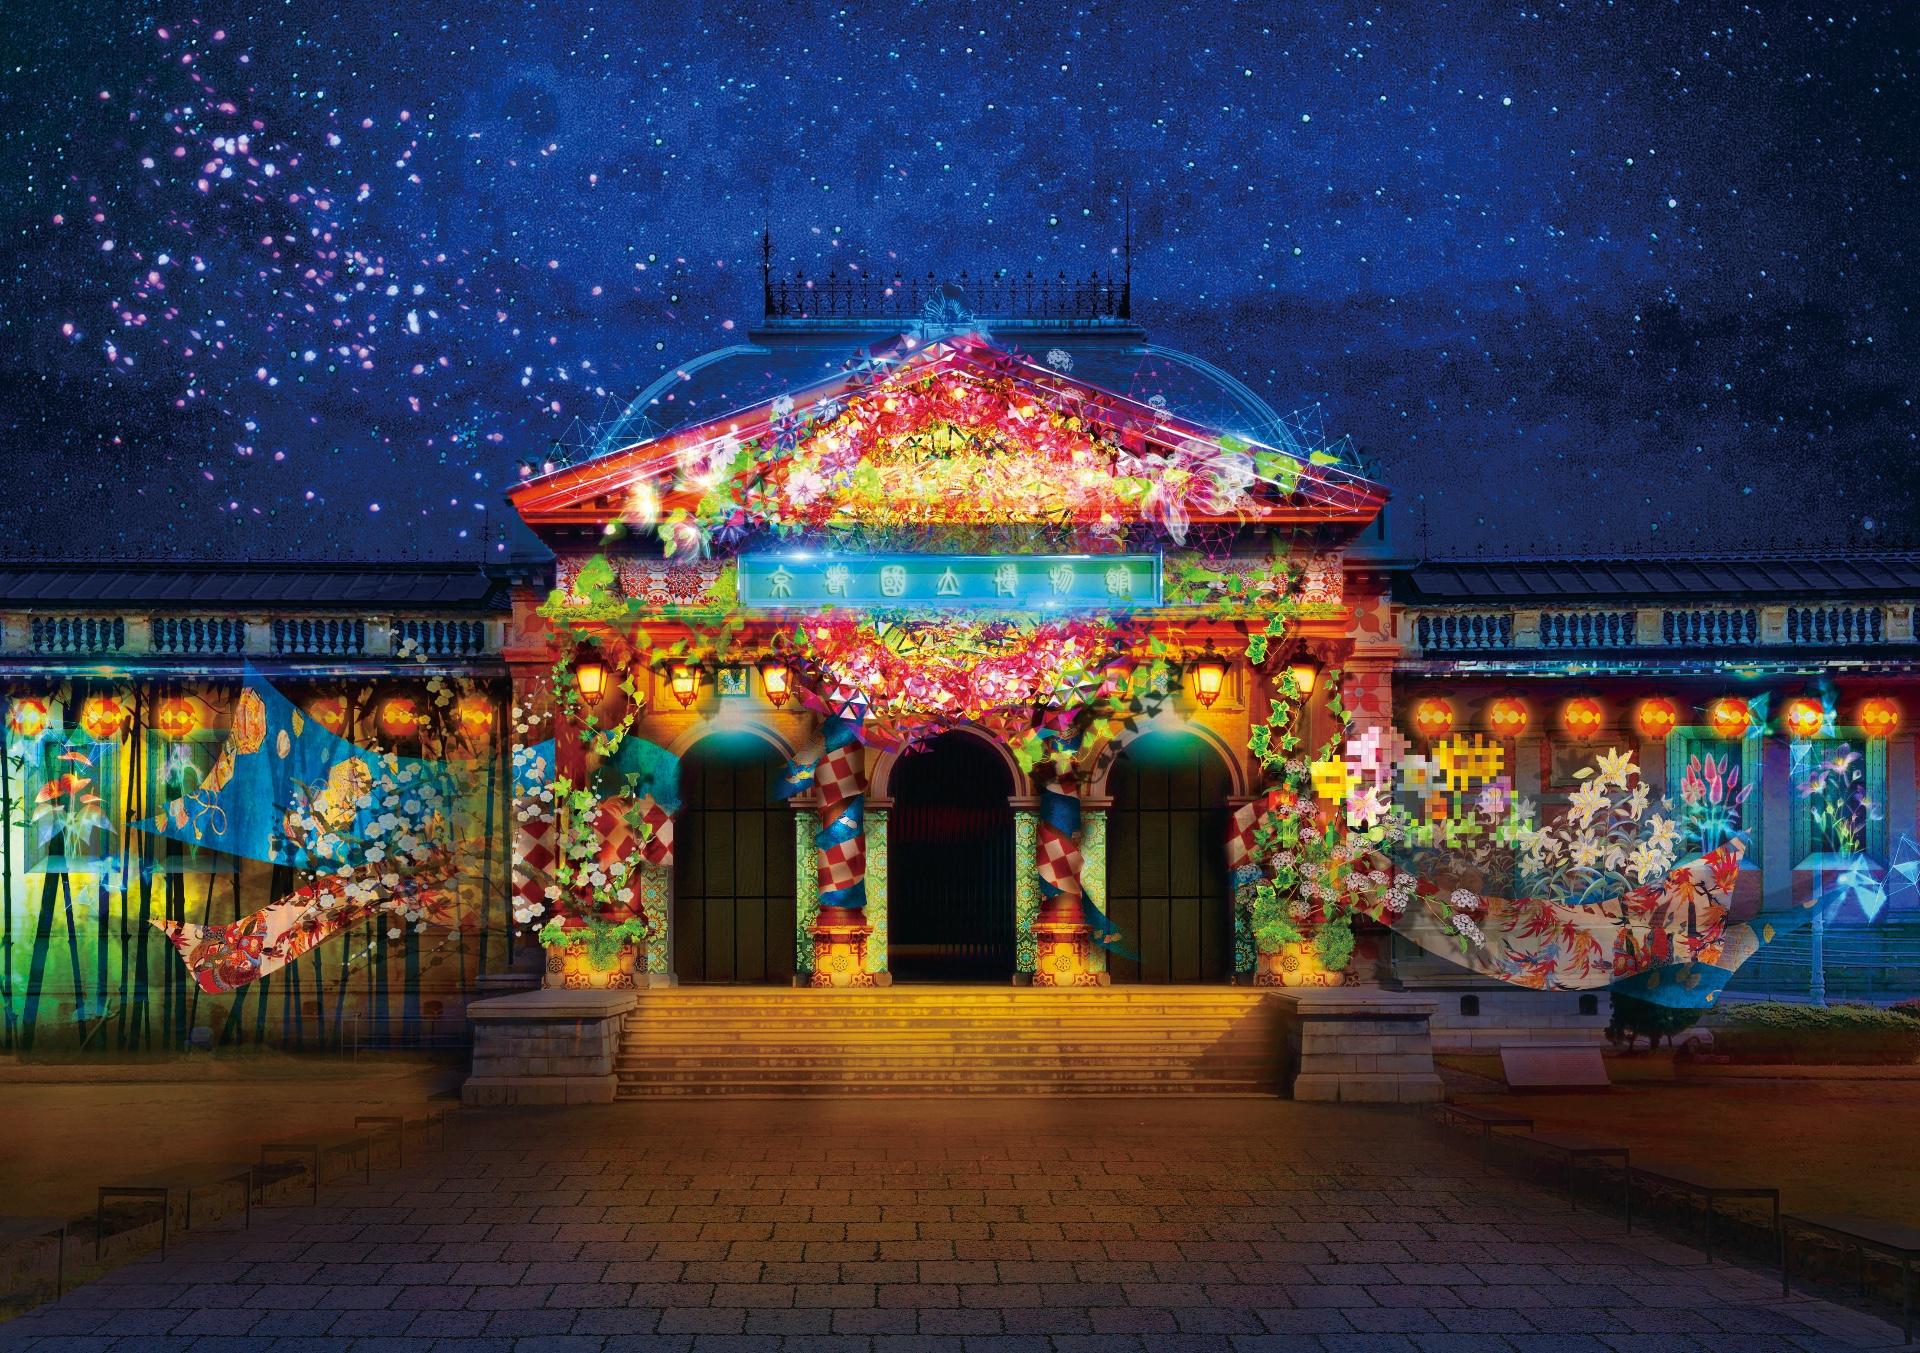 京都国立博物館プロジェクションマッピング_Kyoto National Museum Projection Mapping_京都國立博物館光雕投影_